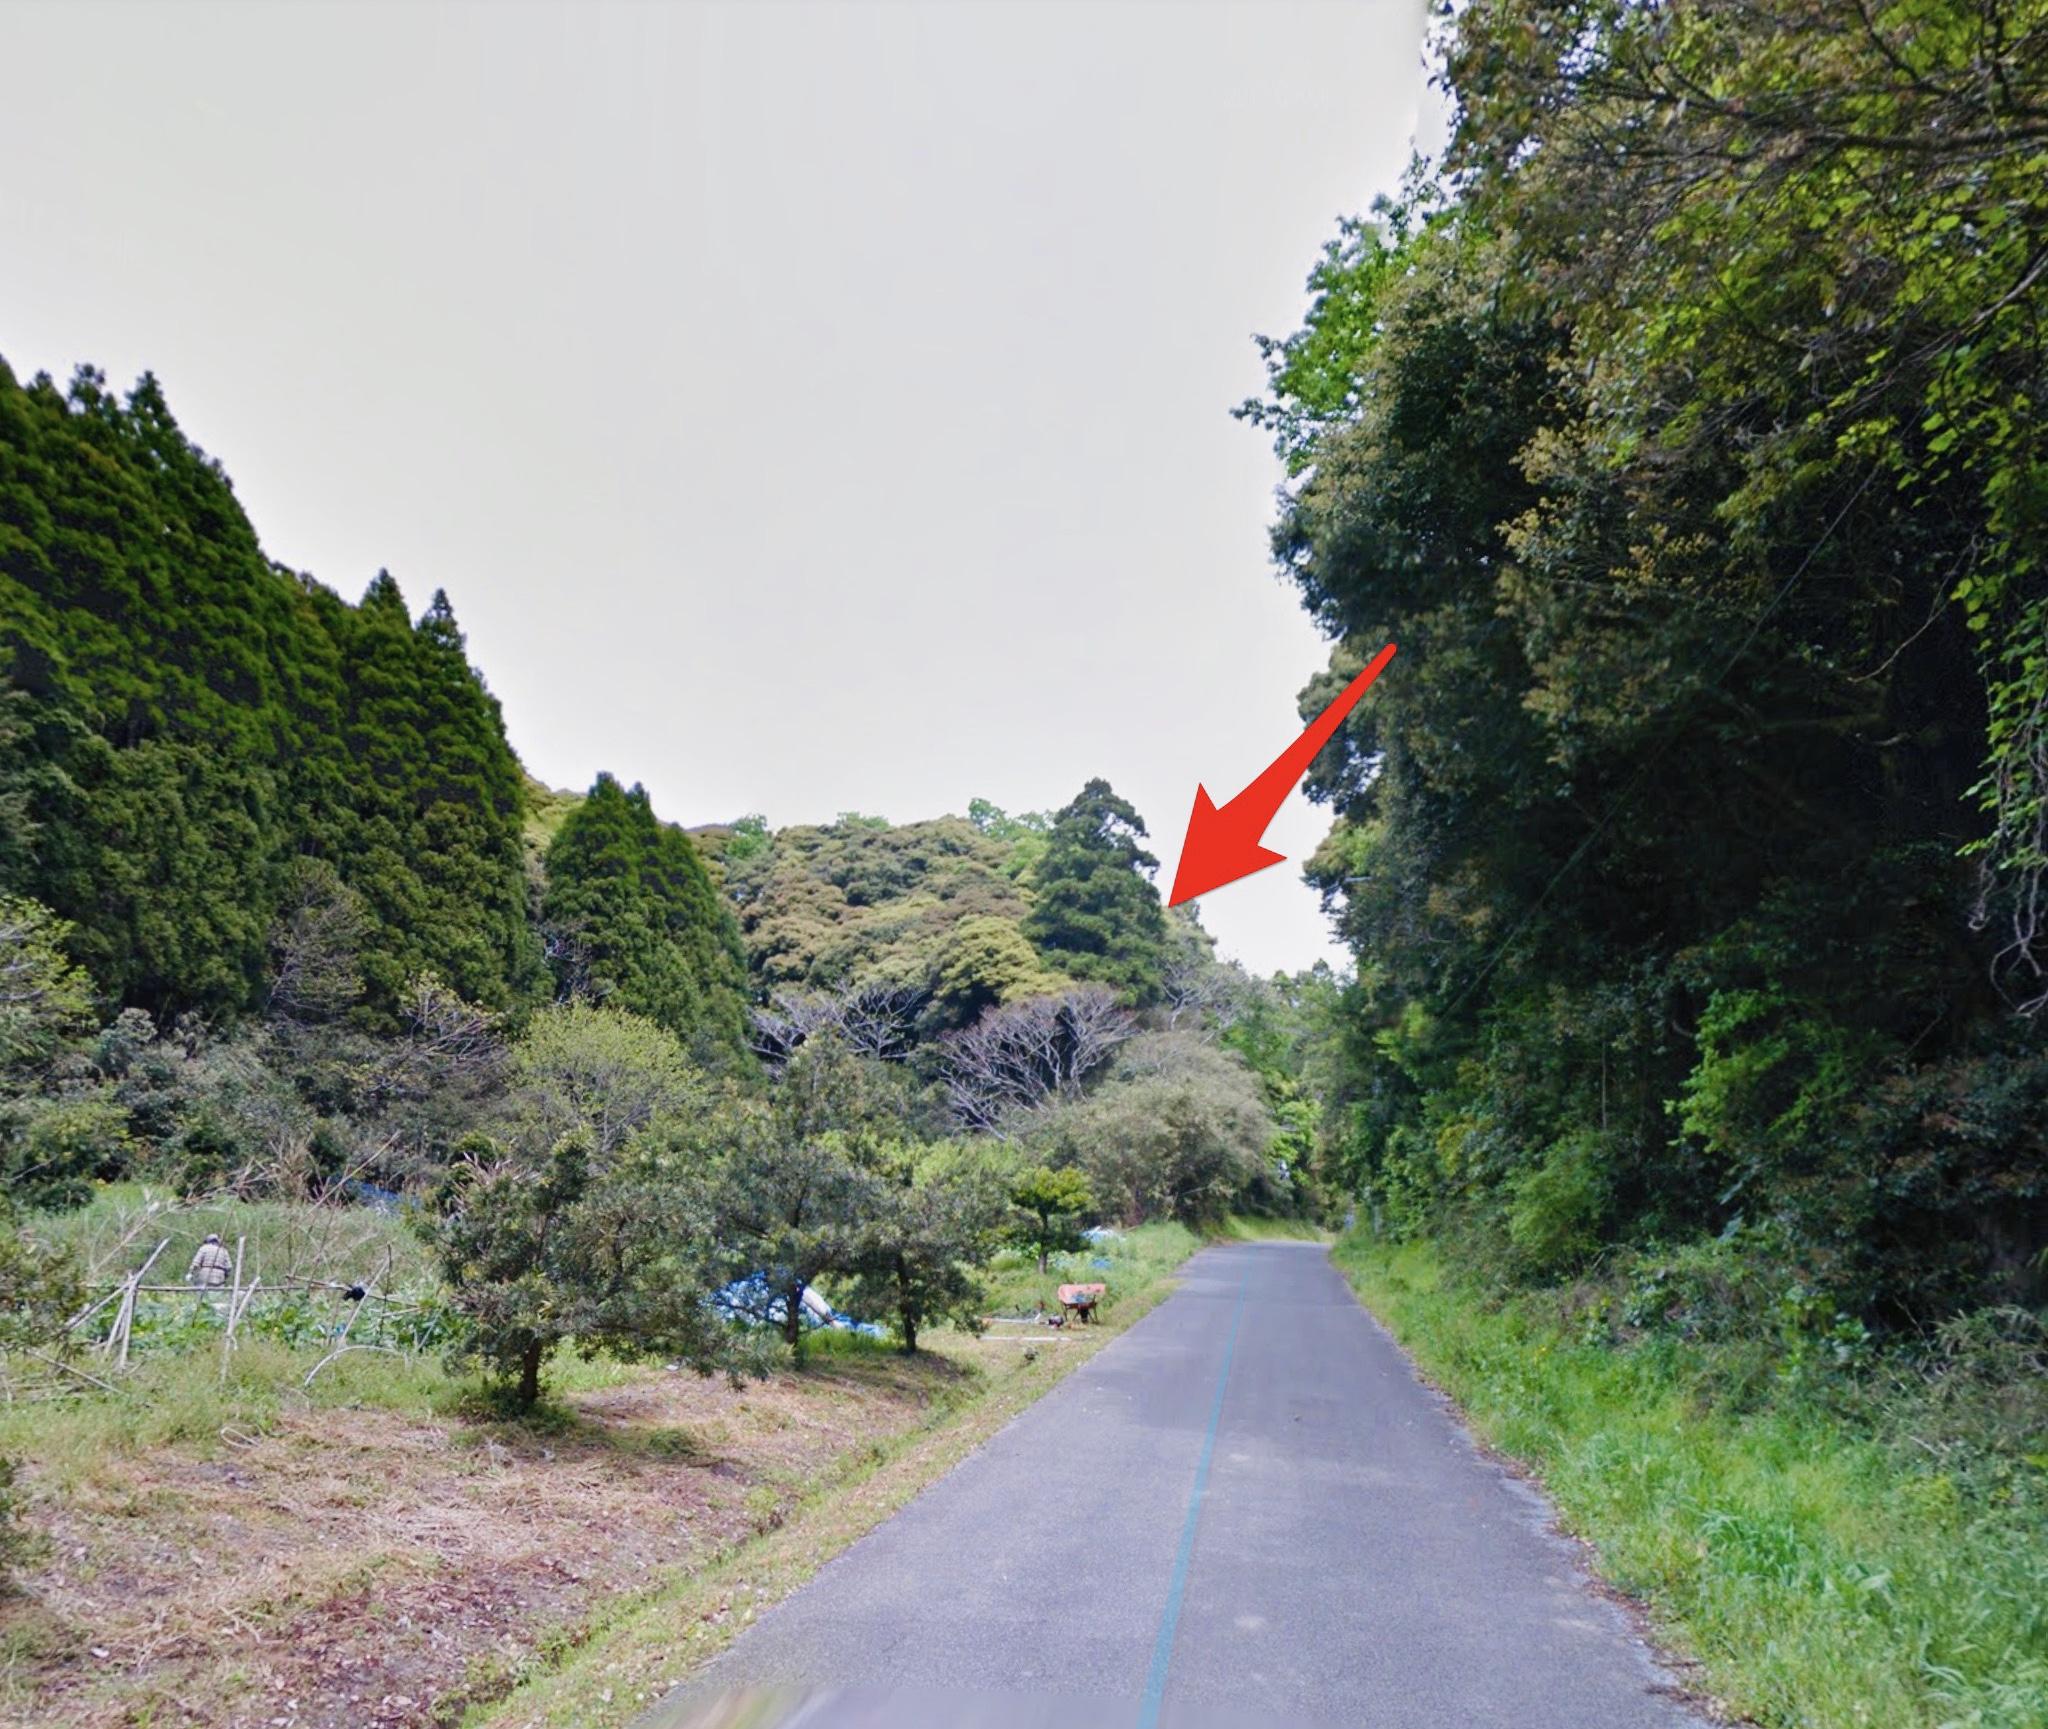 90万円 千葉県長生郡睦沢町(むつざわまち)にある1万坪の山林(普通林)です。